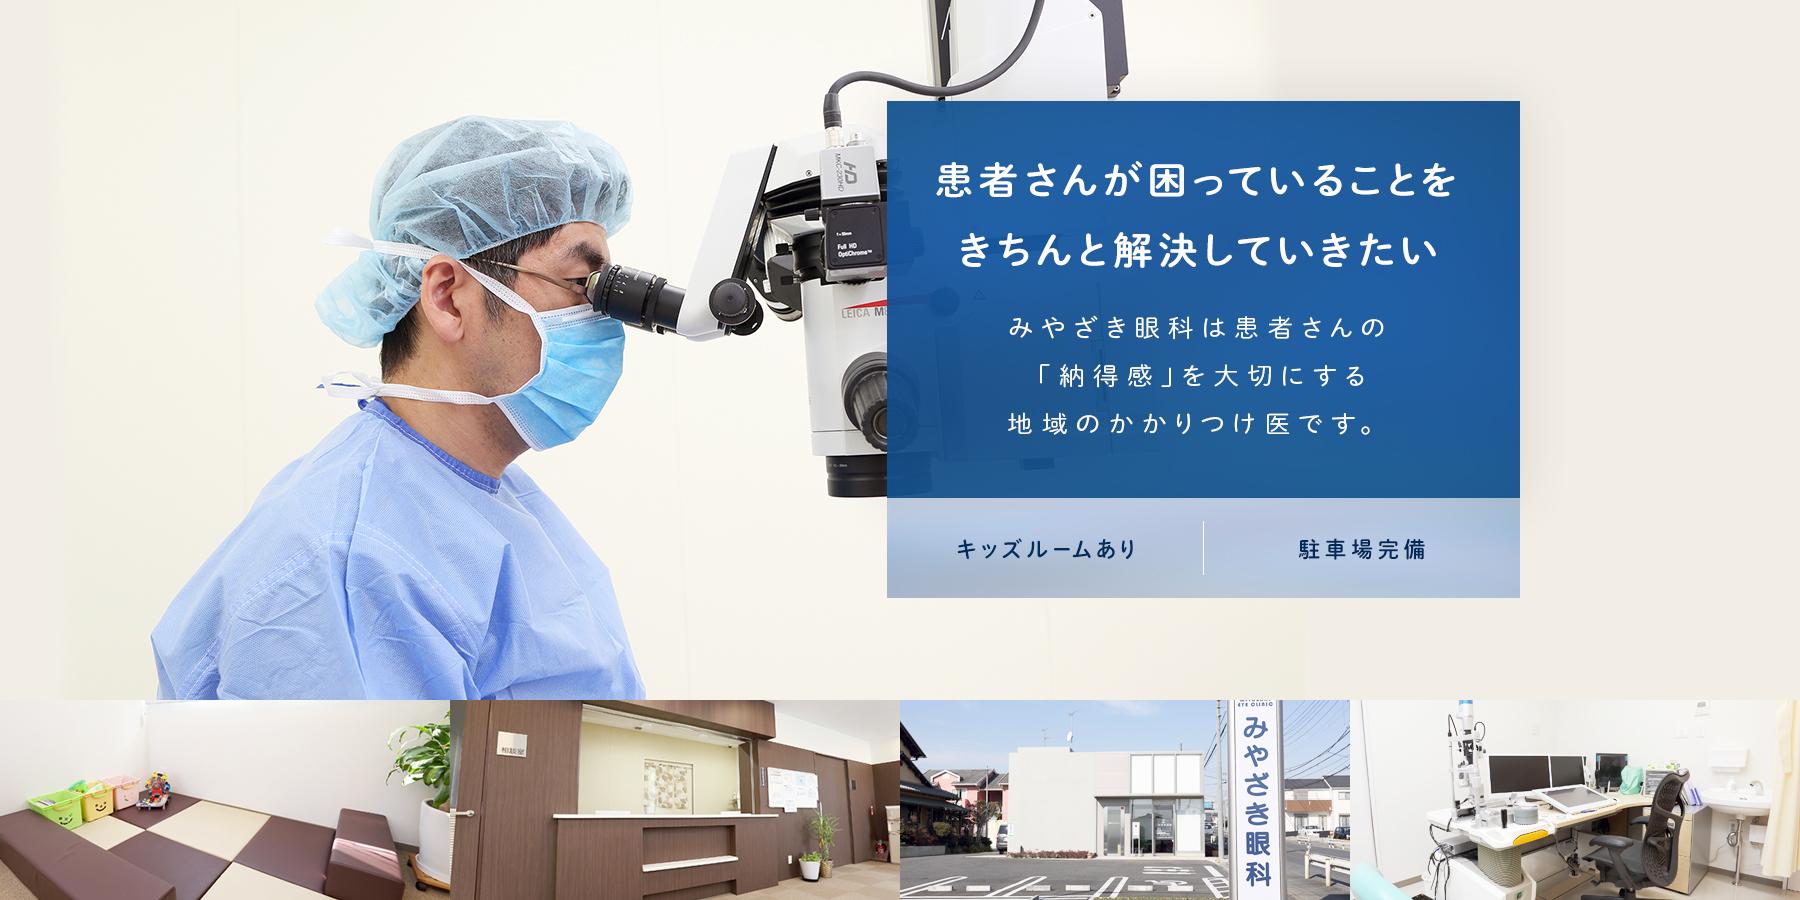 患者さんが困っていることをきちんと解決していきたい みやざき眼科は患者さんの「納得感」を大切にする地域のかかりつけ医です。